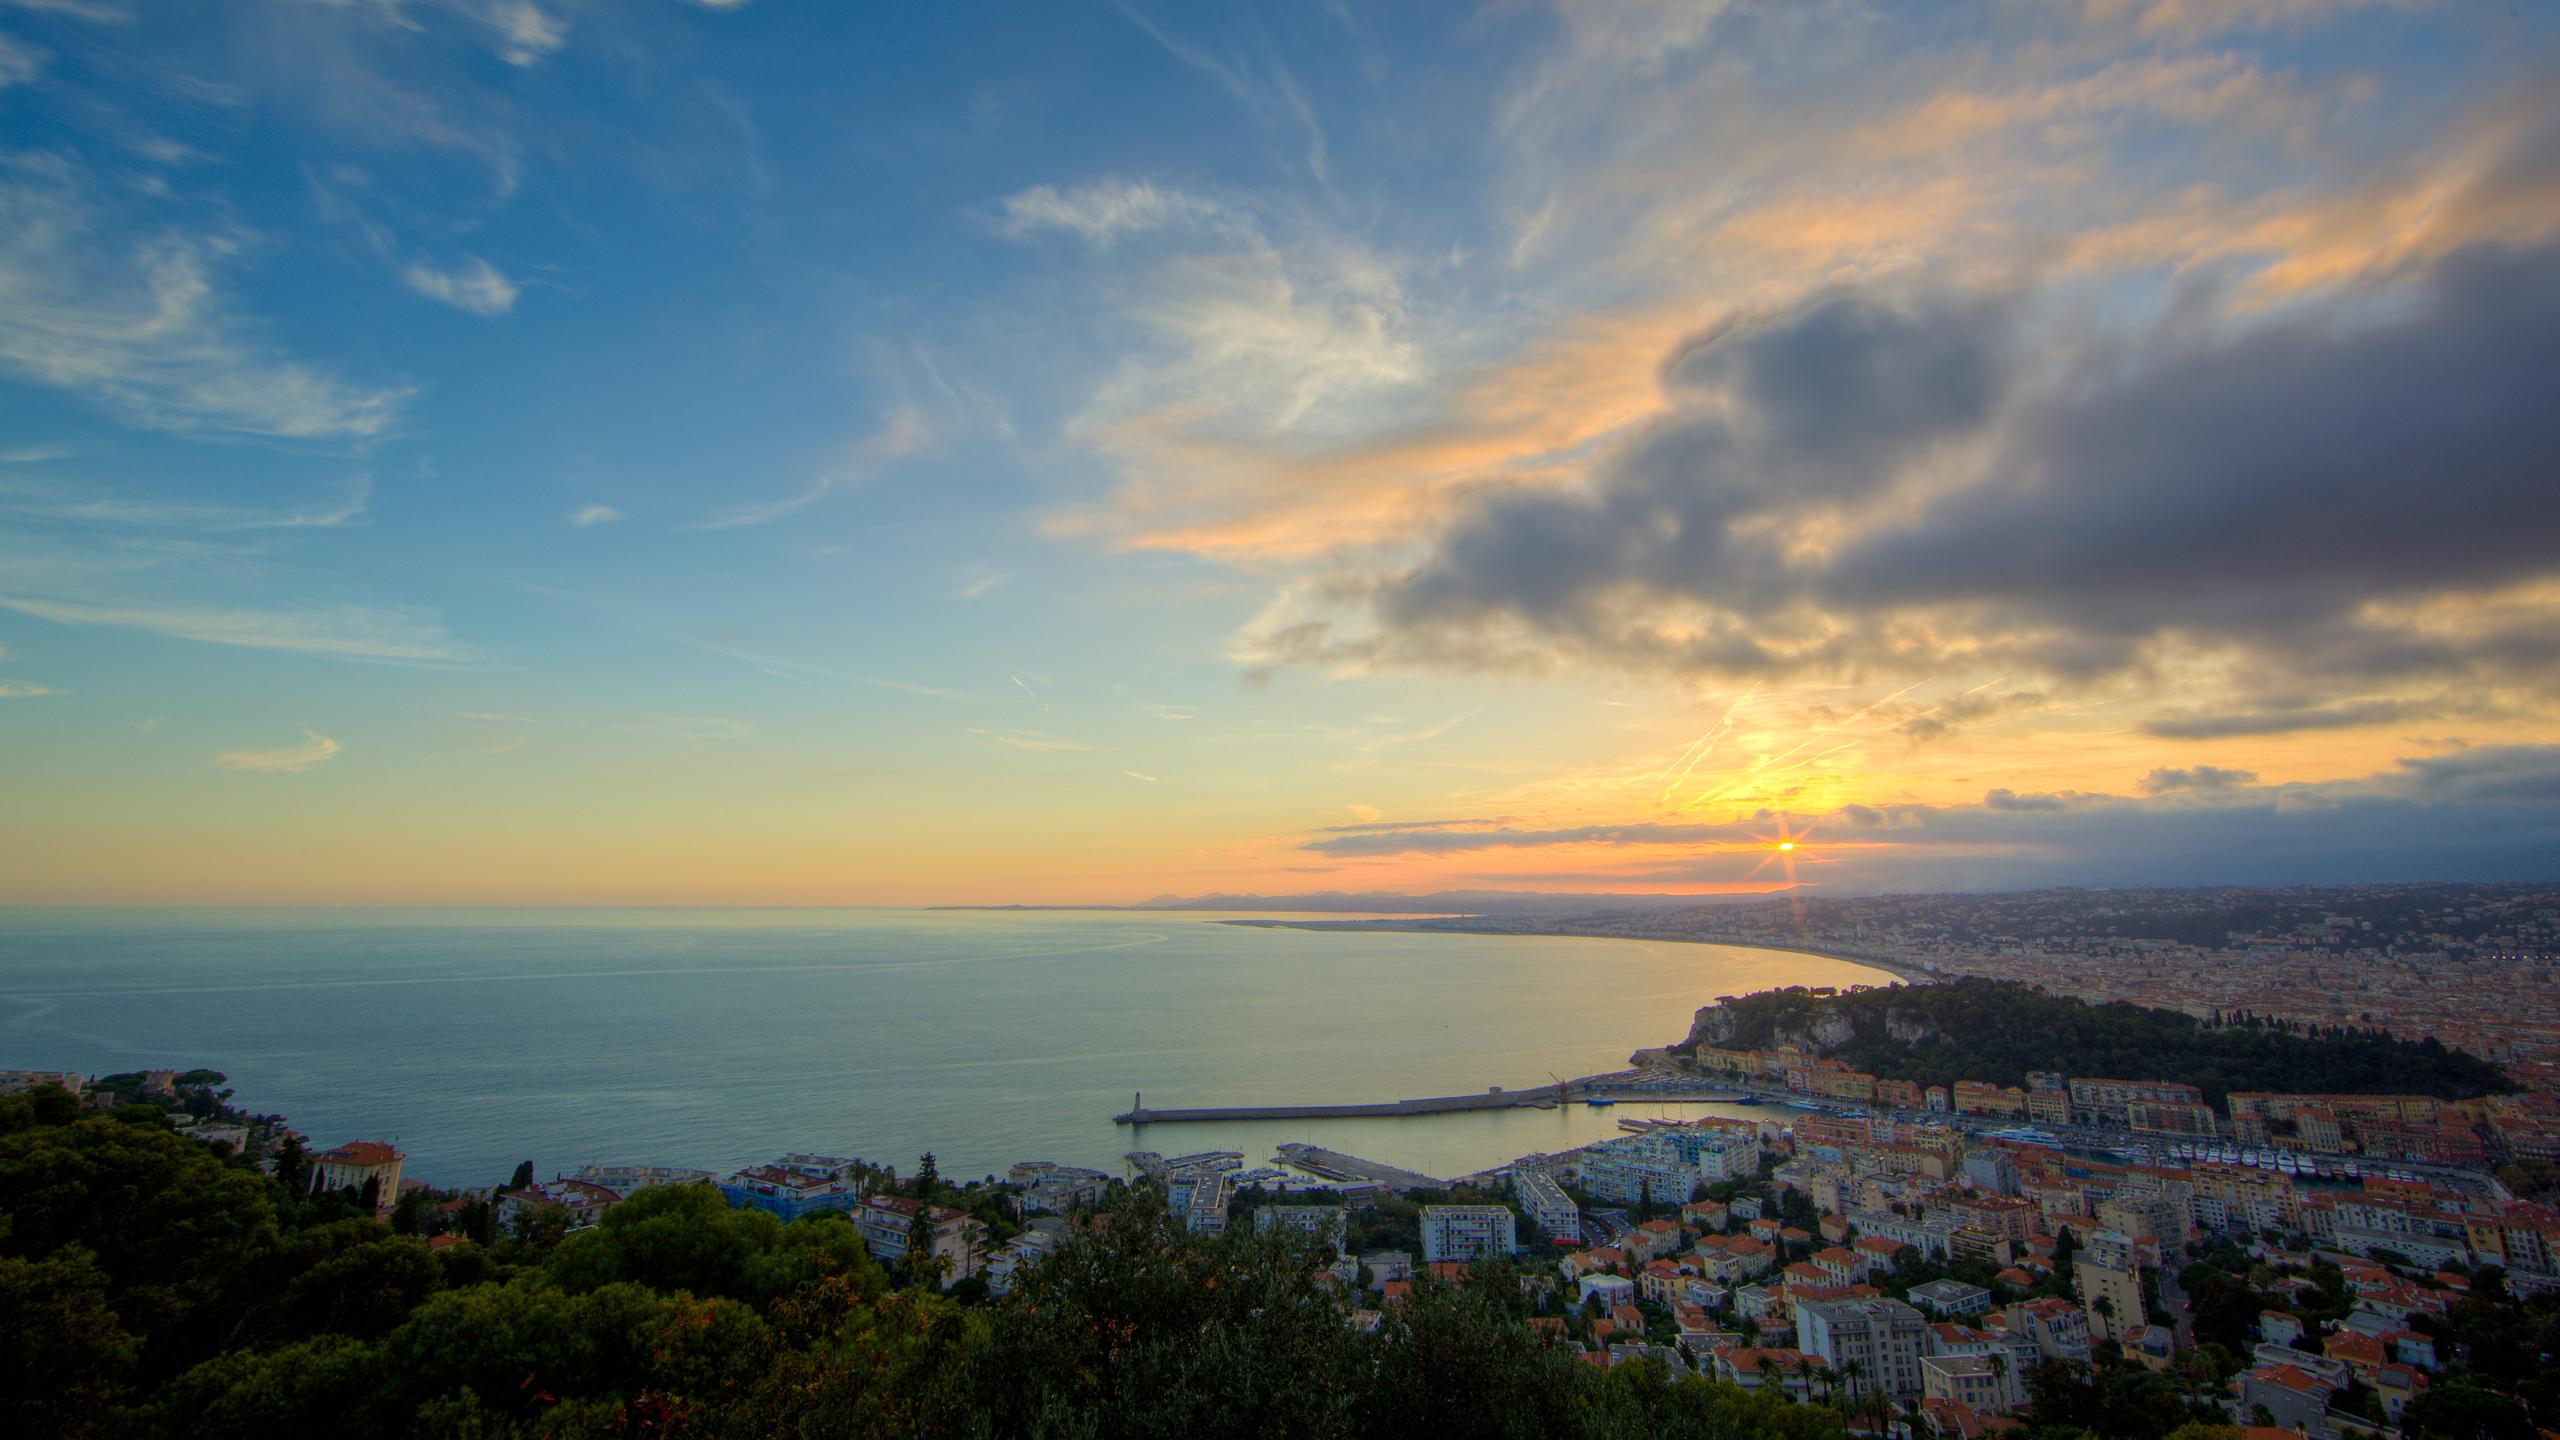 Cote d'Azur coucher de soleil HD Wallpaper | Background Image | 2560x1440 | ID:102148 ...